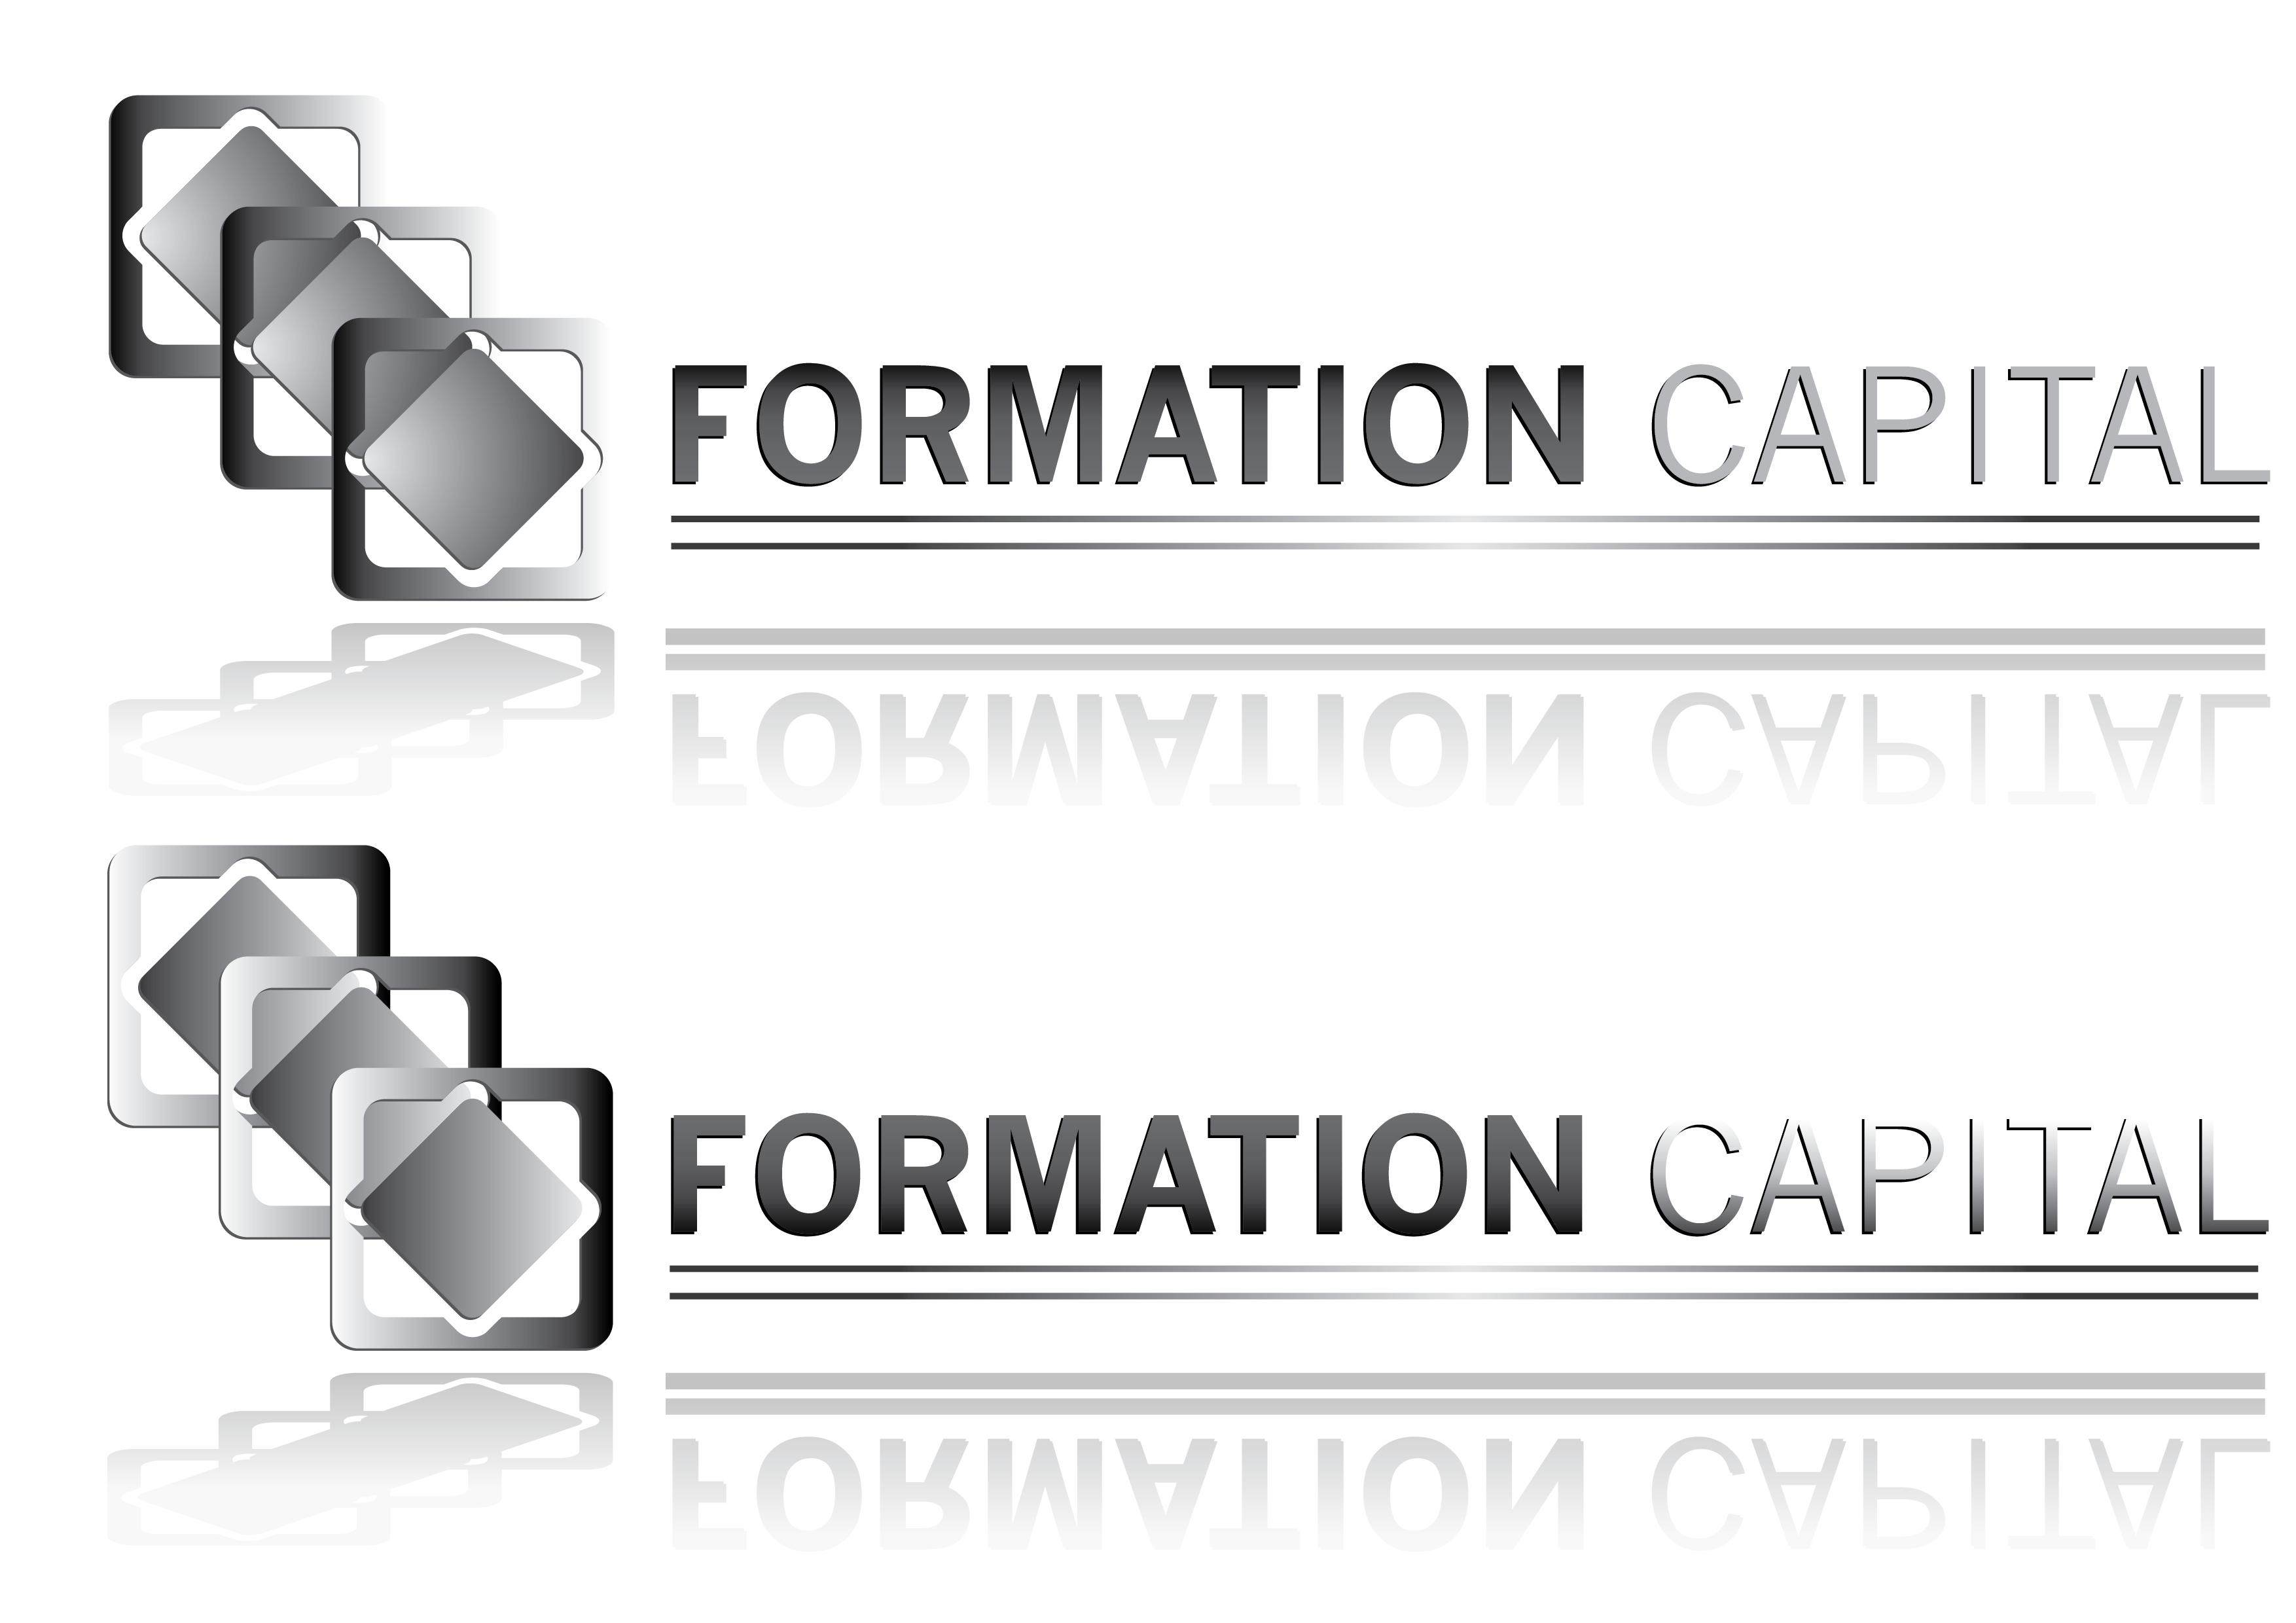 Logo Design by Alexan Torio - Entry No. 79 in the Logo Design Contest Inspiring Logo Design for Formation Capital.